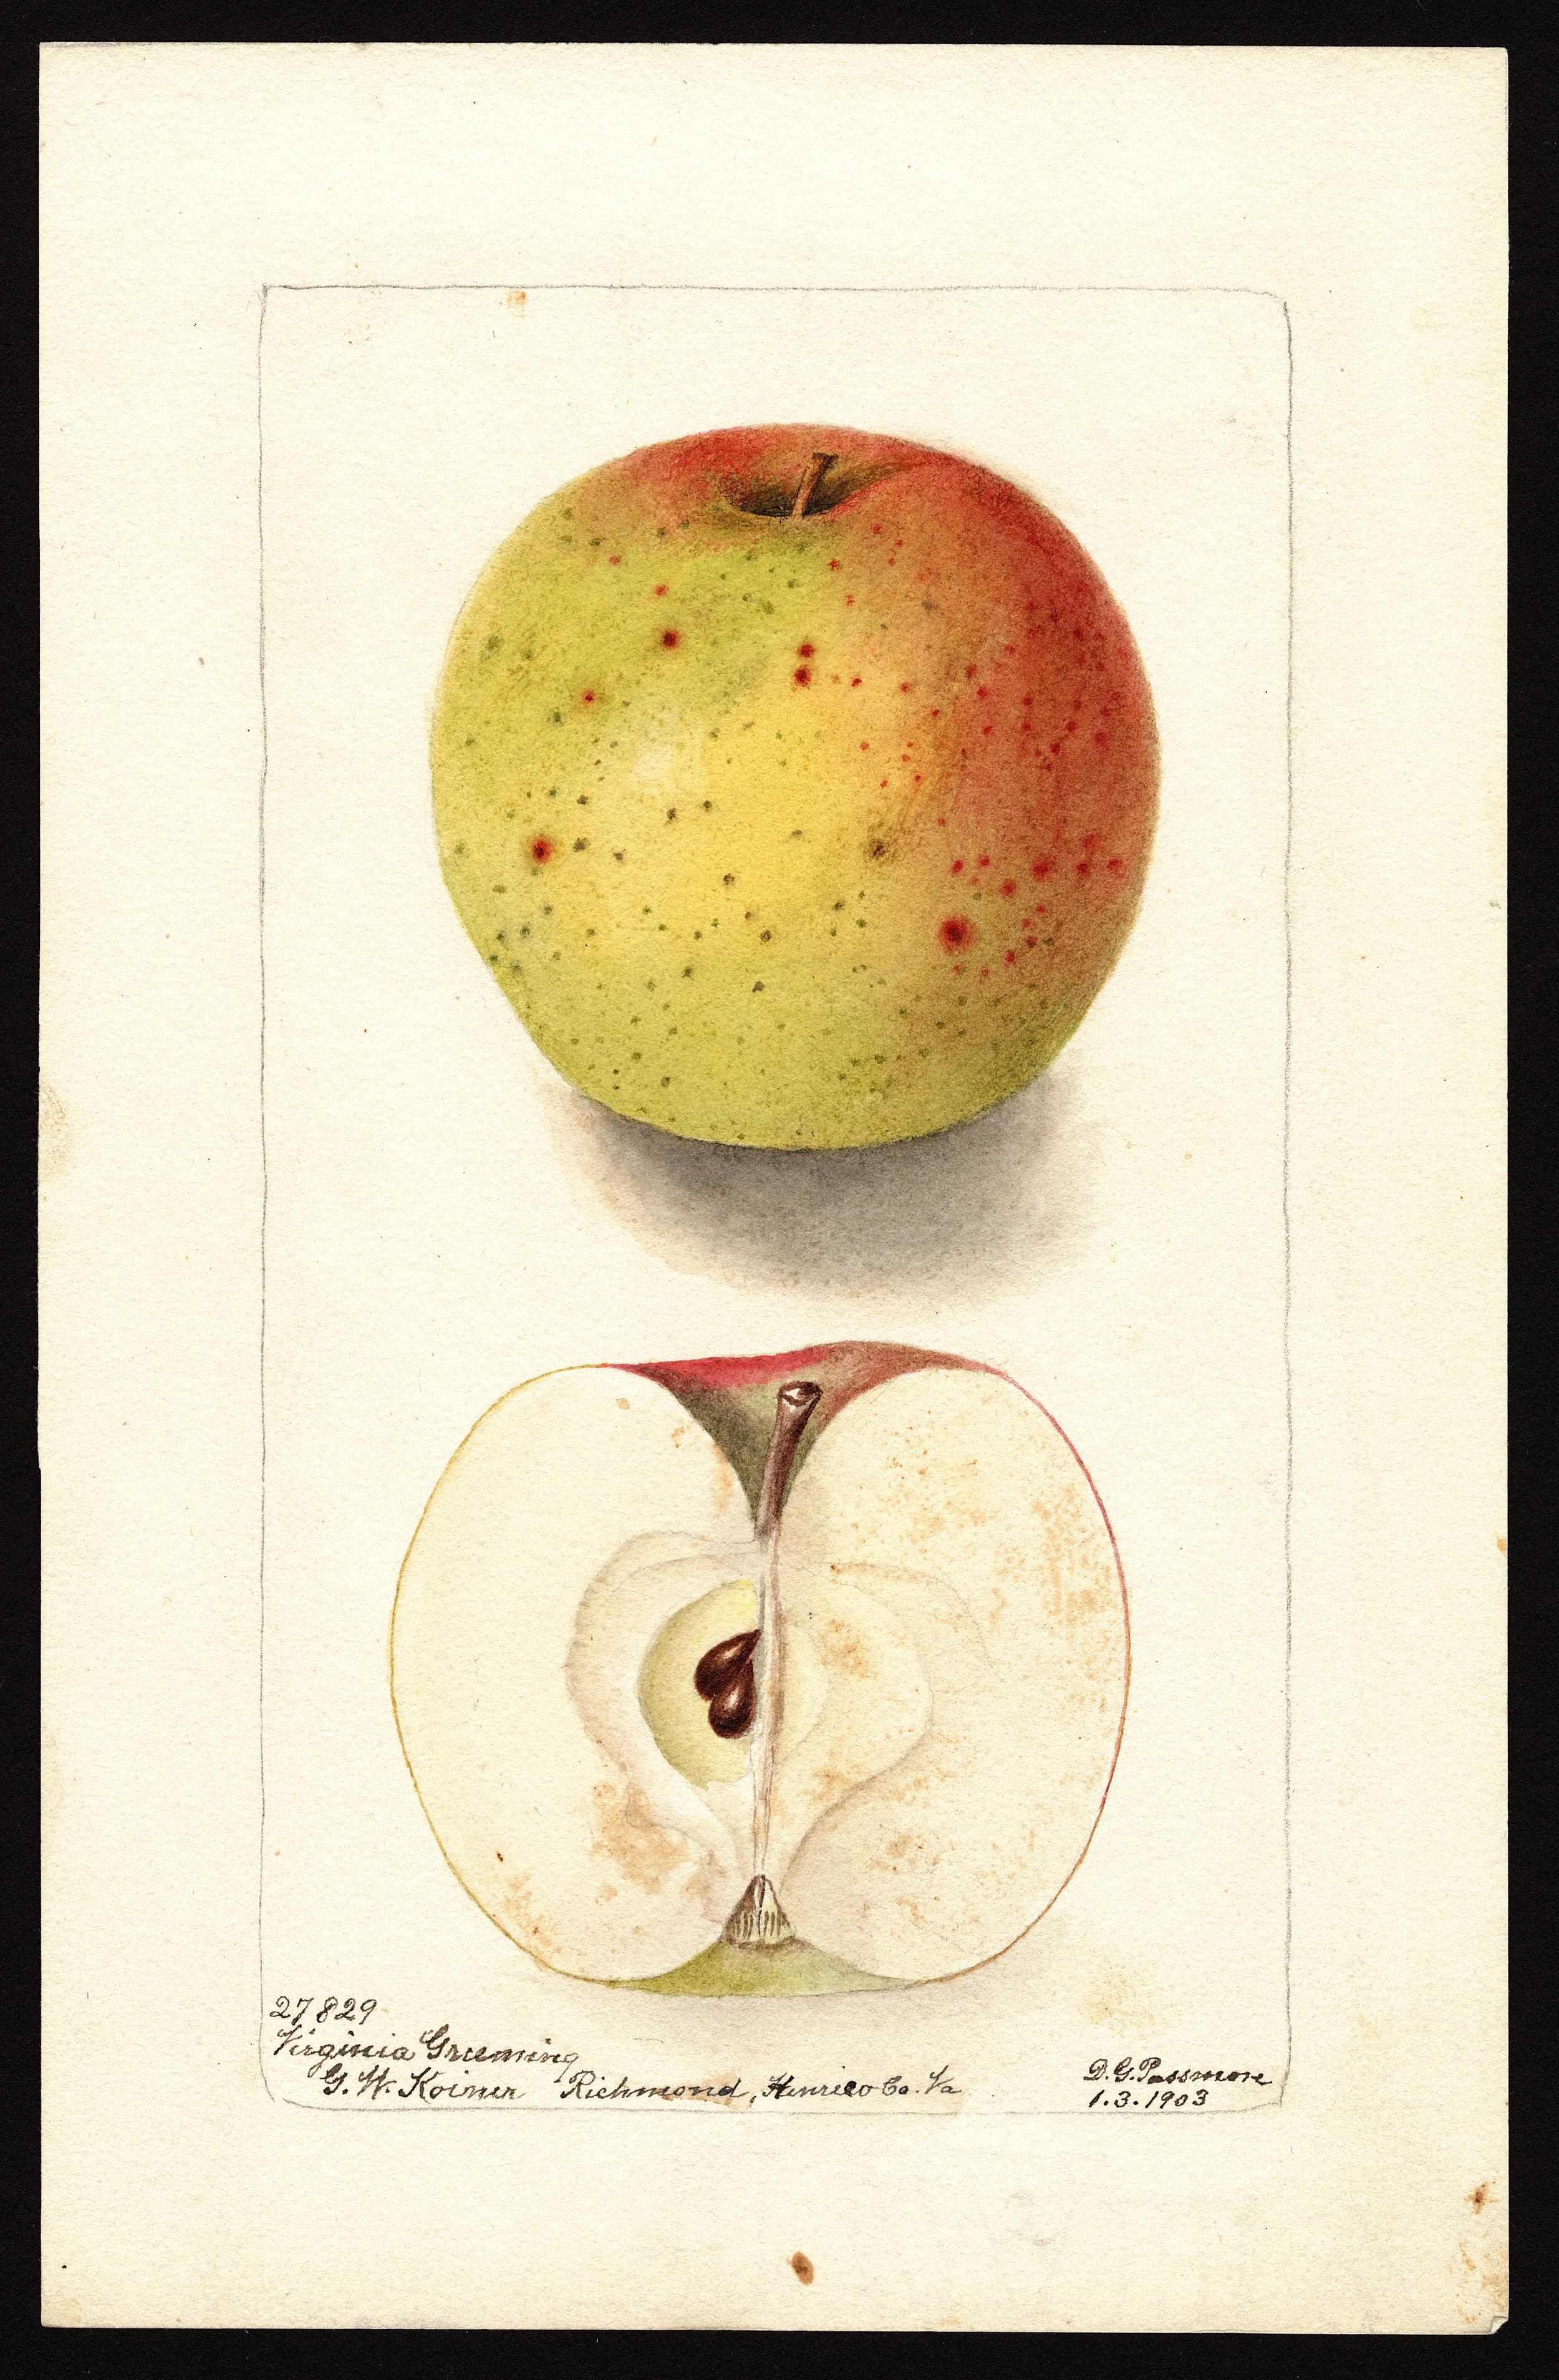 弗吉尼亚·格雷森,从美国画的画中。瓦妮莎·格林:《分类》杂志。